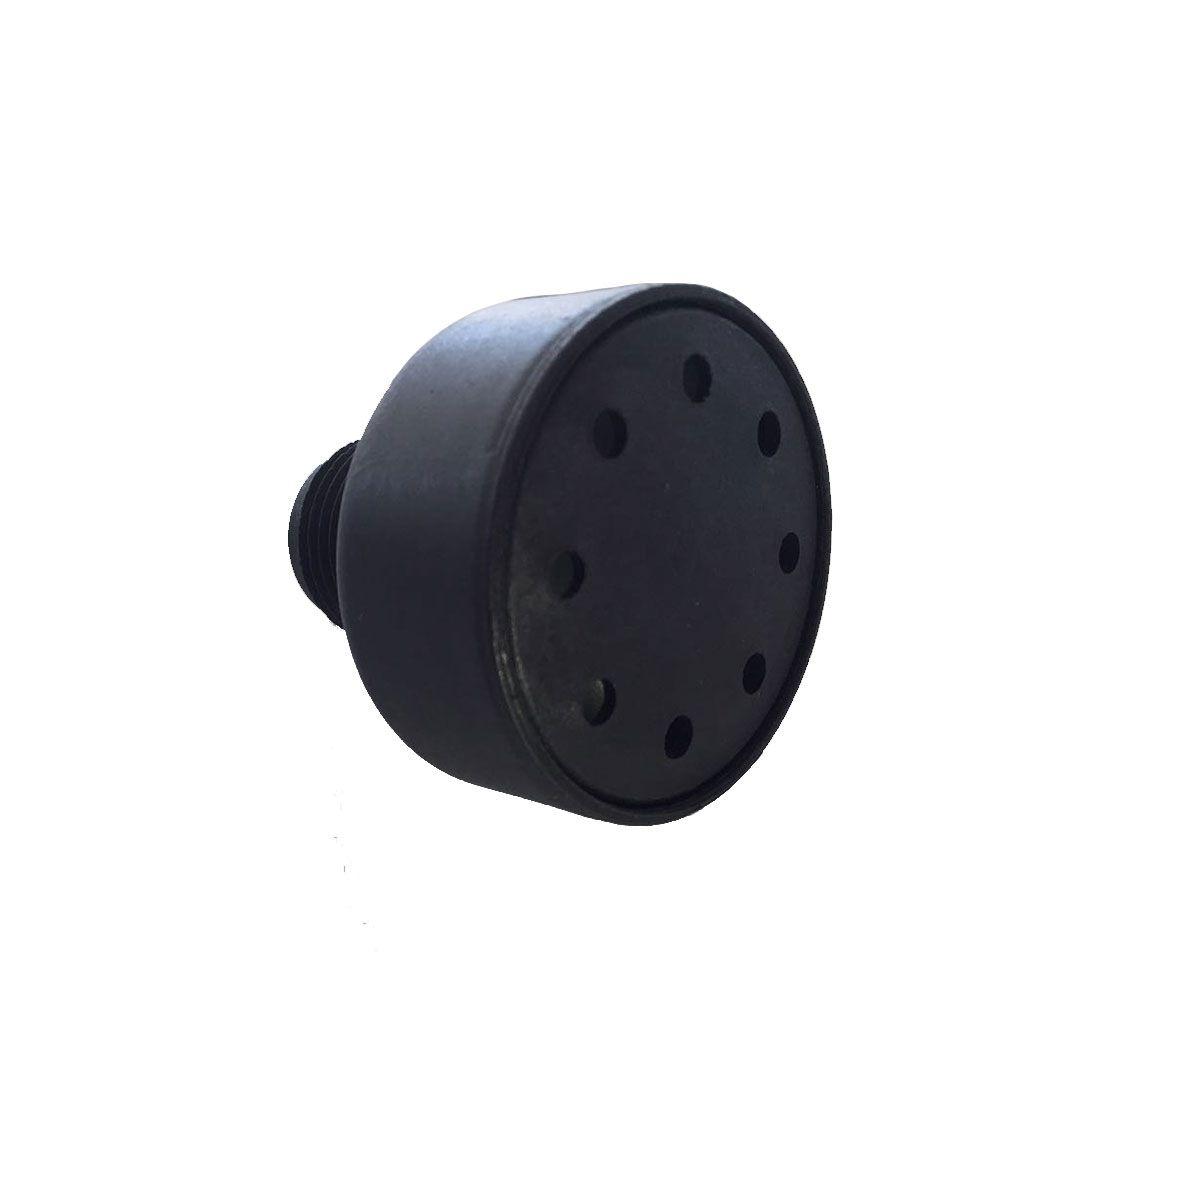 8 Filtros De Ar Para Compressor 1/4 Npt Nylon Vários Modelos